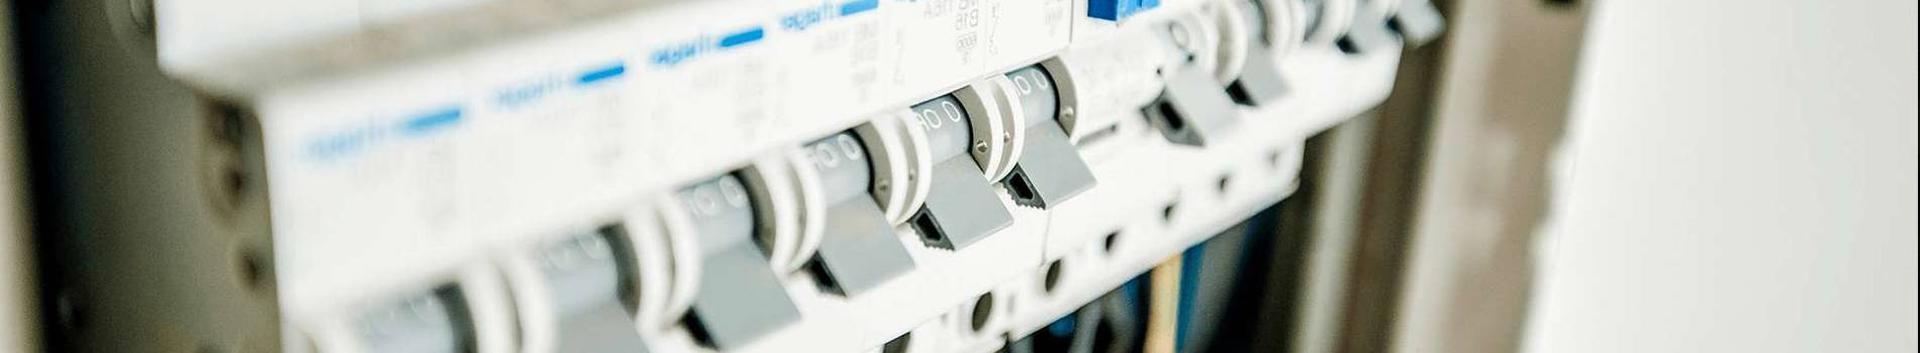 43211_elektriseadmete-paigaldus_97847142_xl.jpg